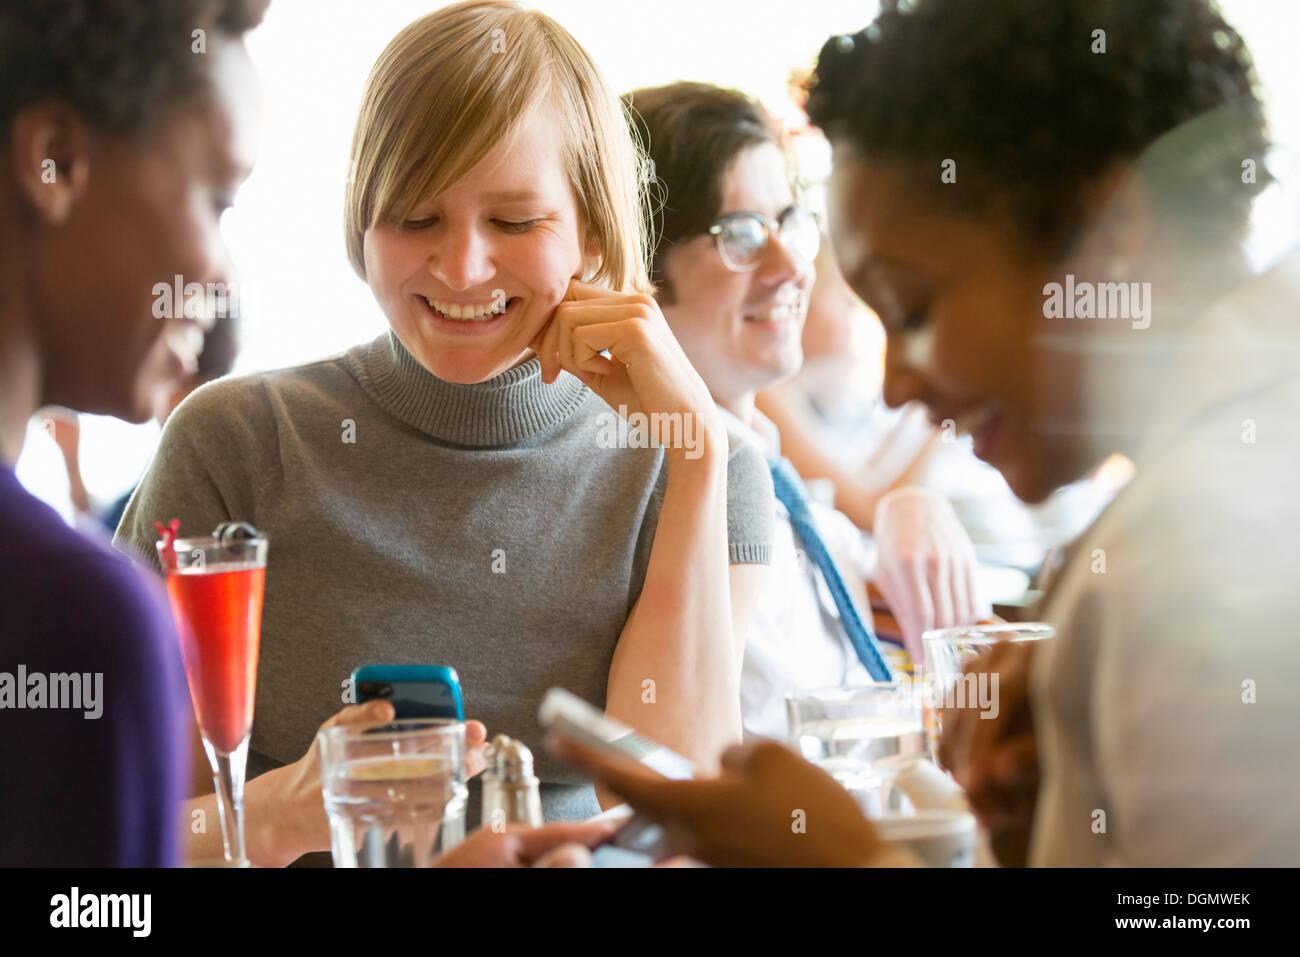 La vita della città. Un gruppo di persone in un café, controllando la loro smart phone. Immagini Stock